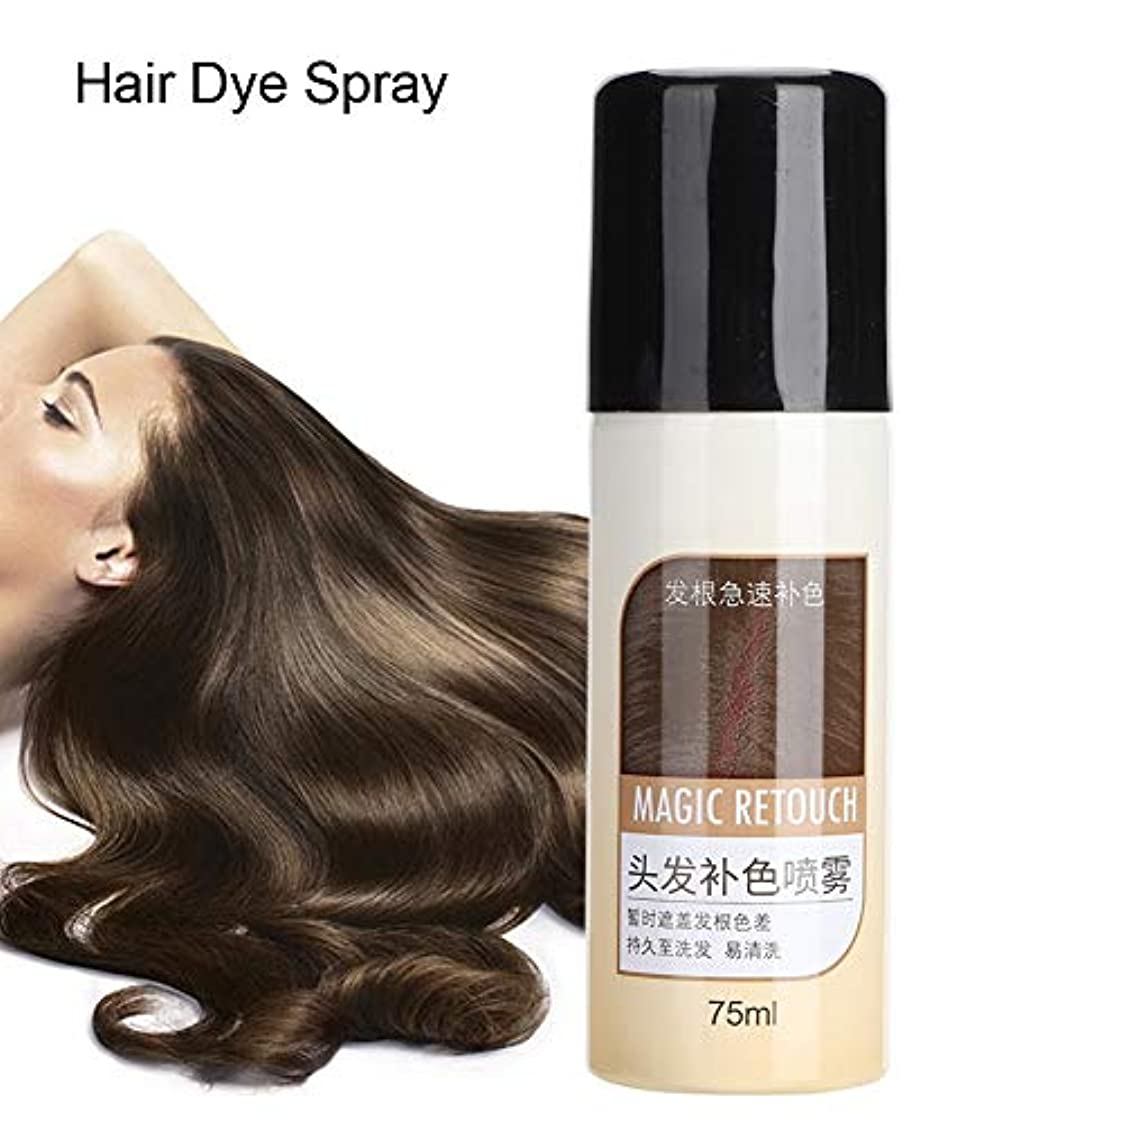 粗い素晴らしい良い多くの驚くべきヘアダイ、べたつかないマットヘアスタイル栄養補給用洗えるスプレーカバー白髪用長続きするカラー染料750ml (#1)